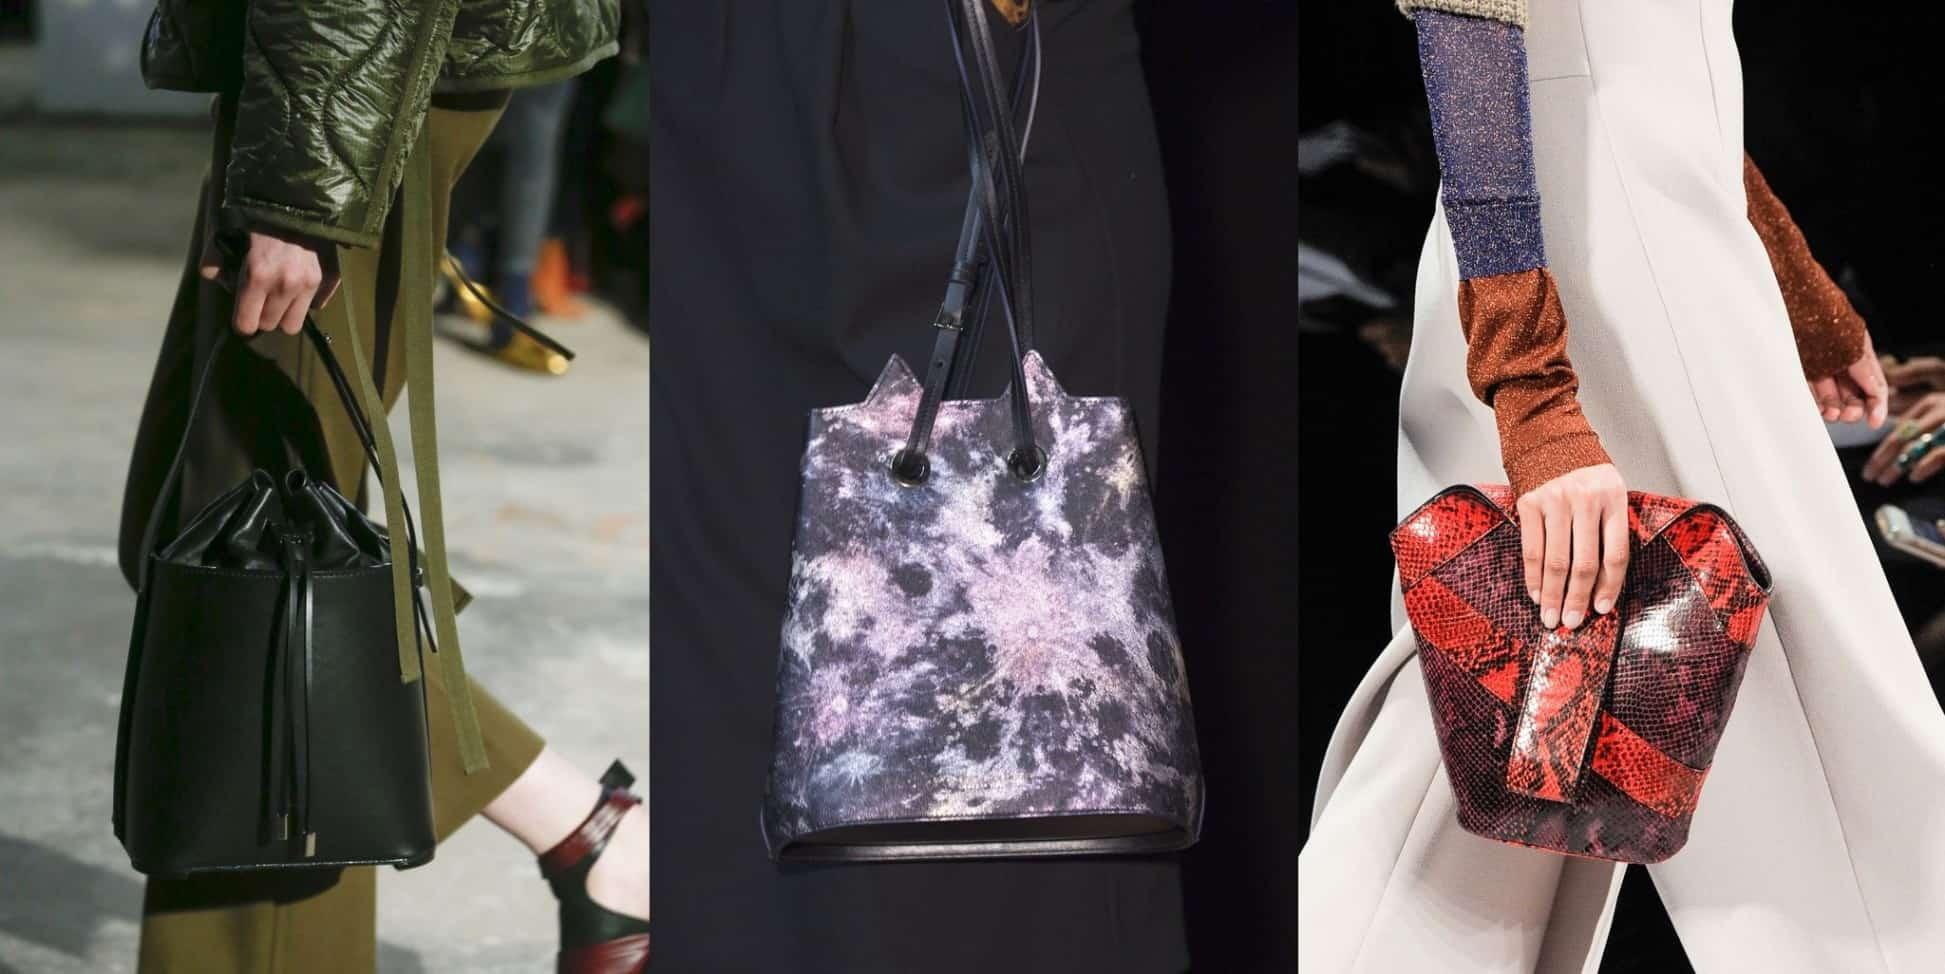 حقائب يد بتصاميم فريدة ومبتكرة من أسبوع الموضة بنيويورك